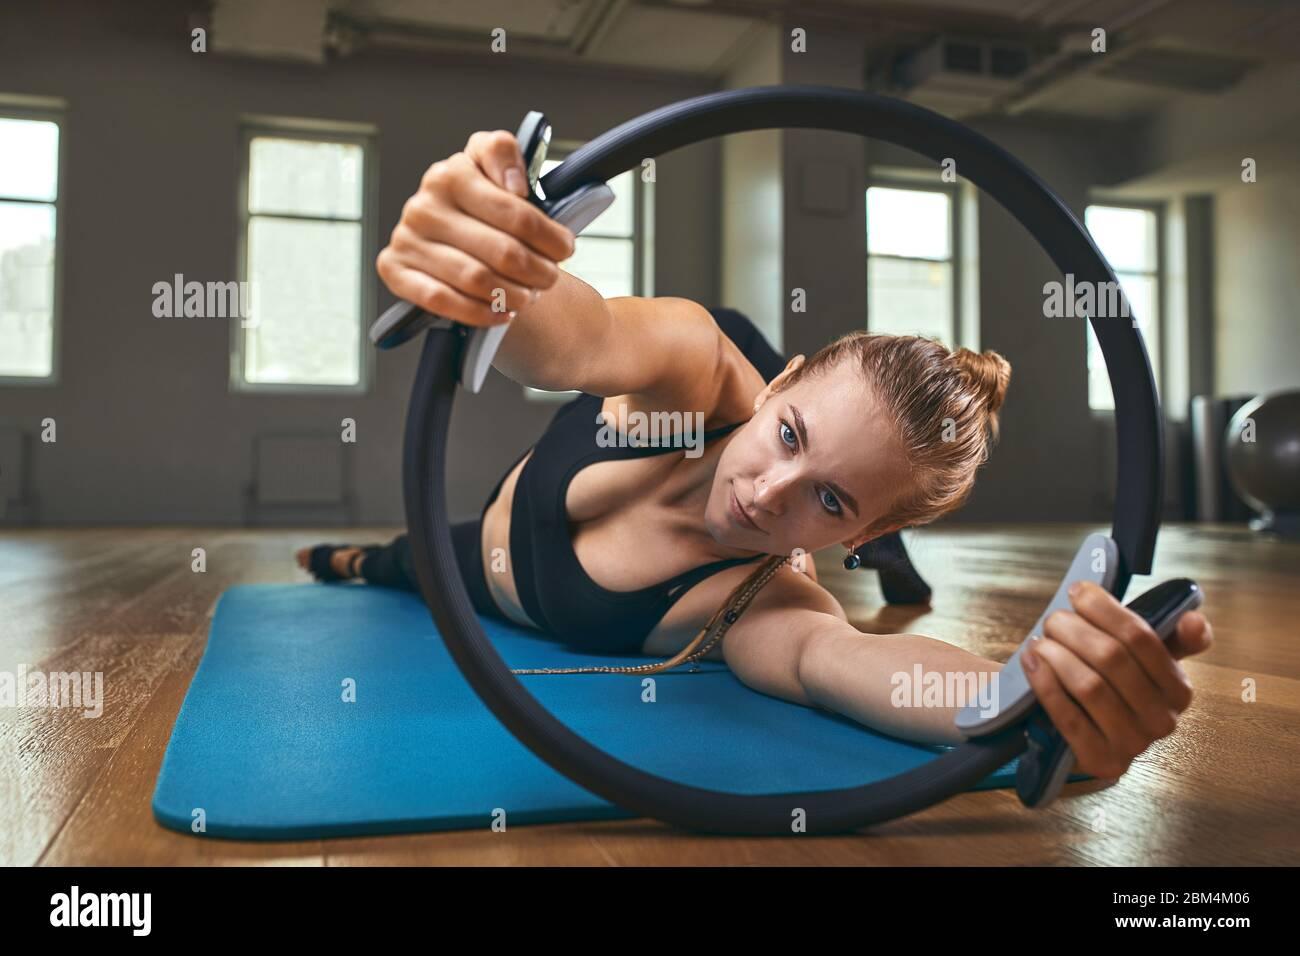 Joven modelo de fitness mujer atleta en sportswear haciendo ejercicios de estiramiento con expansor de caucho. Culturismo estilo de vida saludable concepto imagen Foto de stock